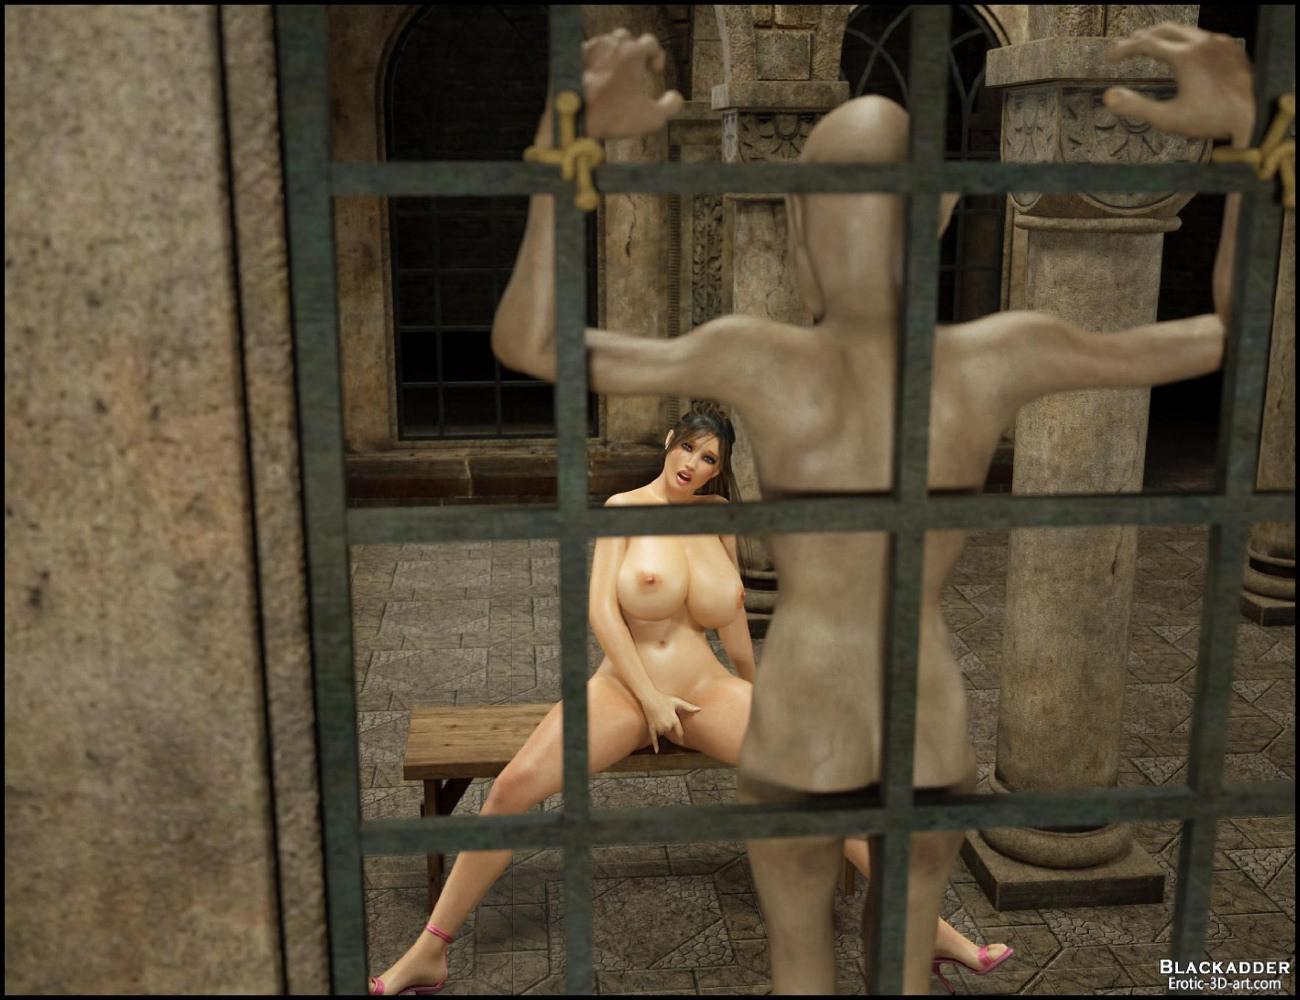 lara croft captured